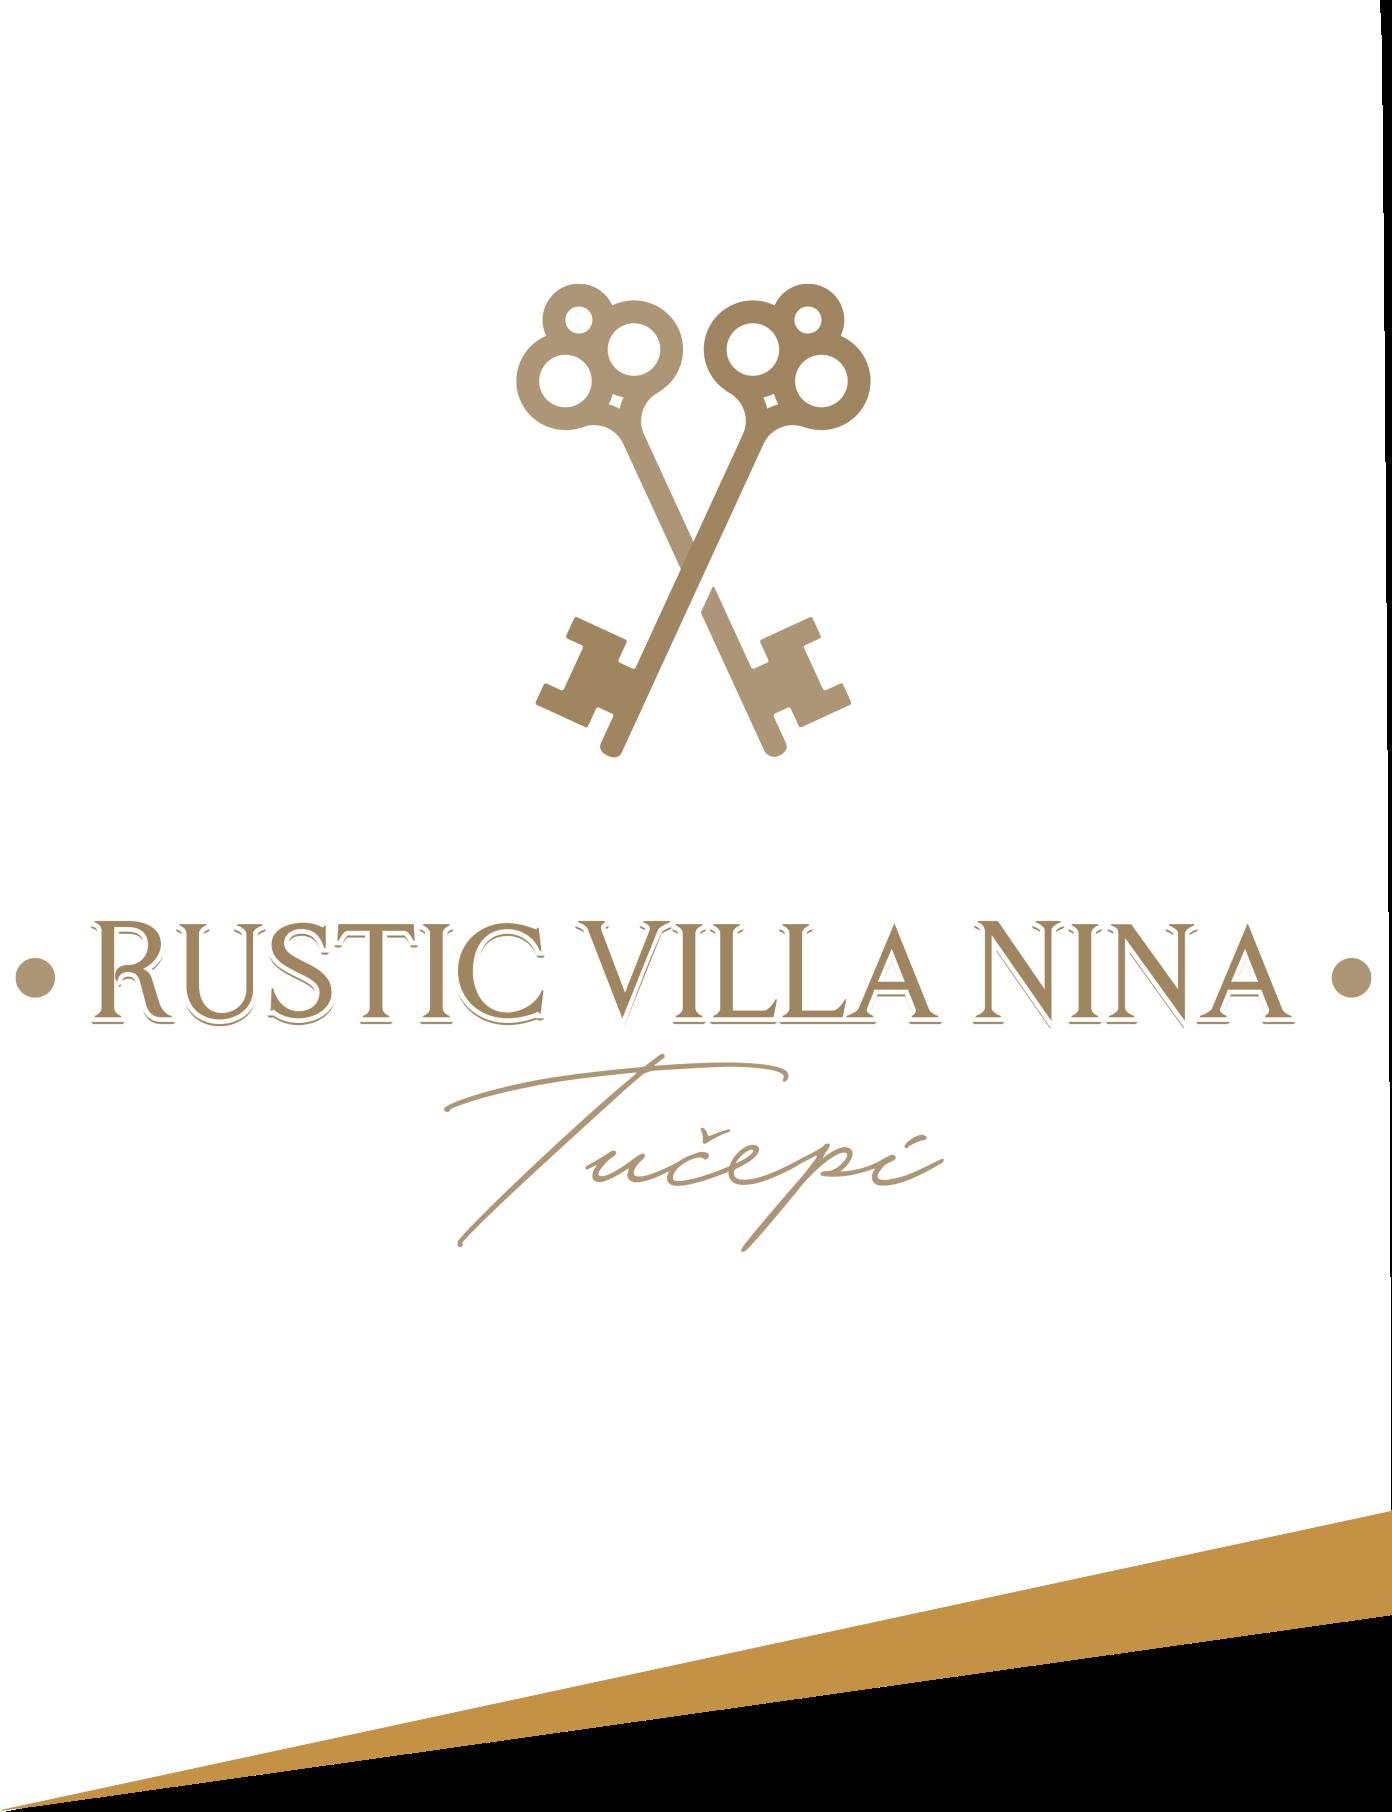 Rustic Villa Nina